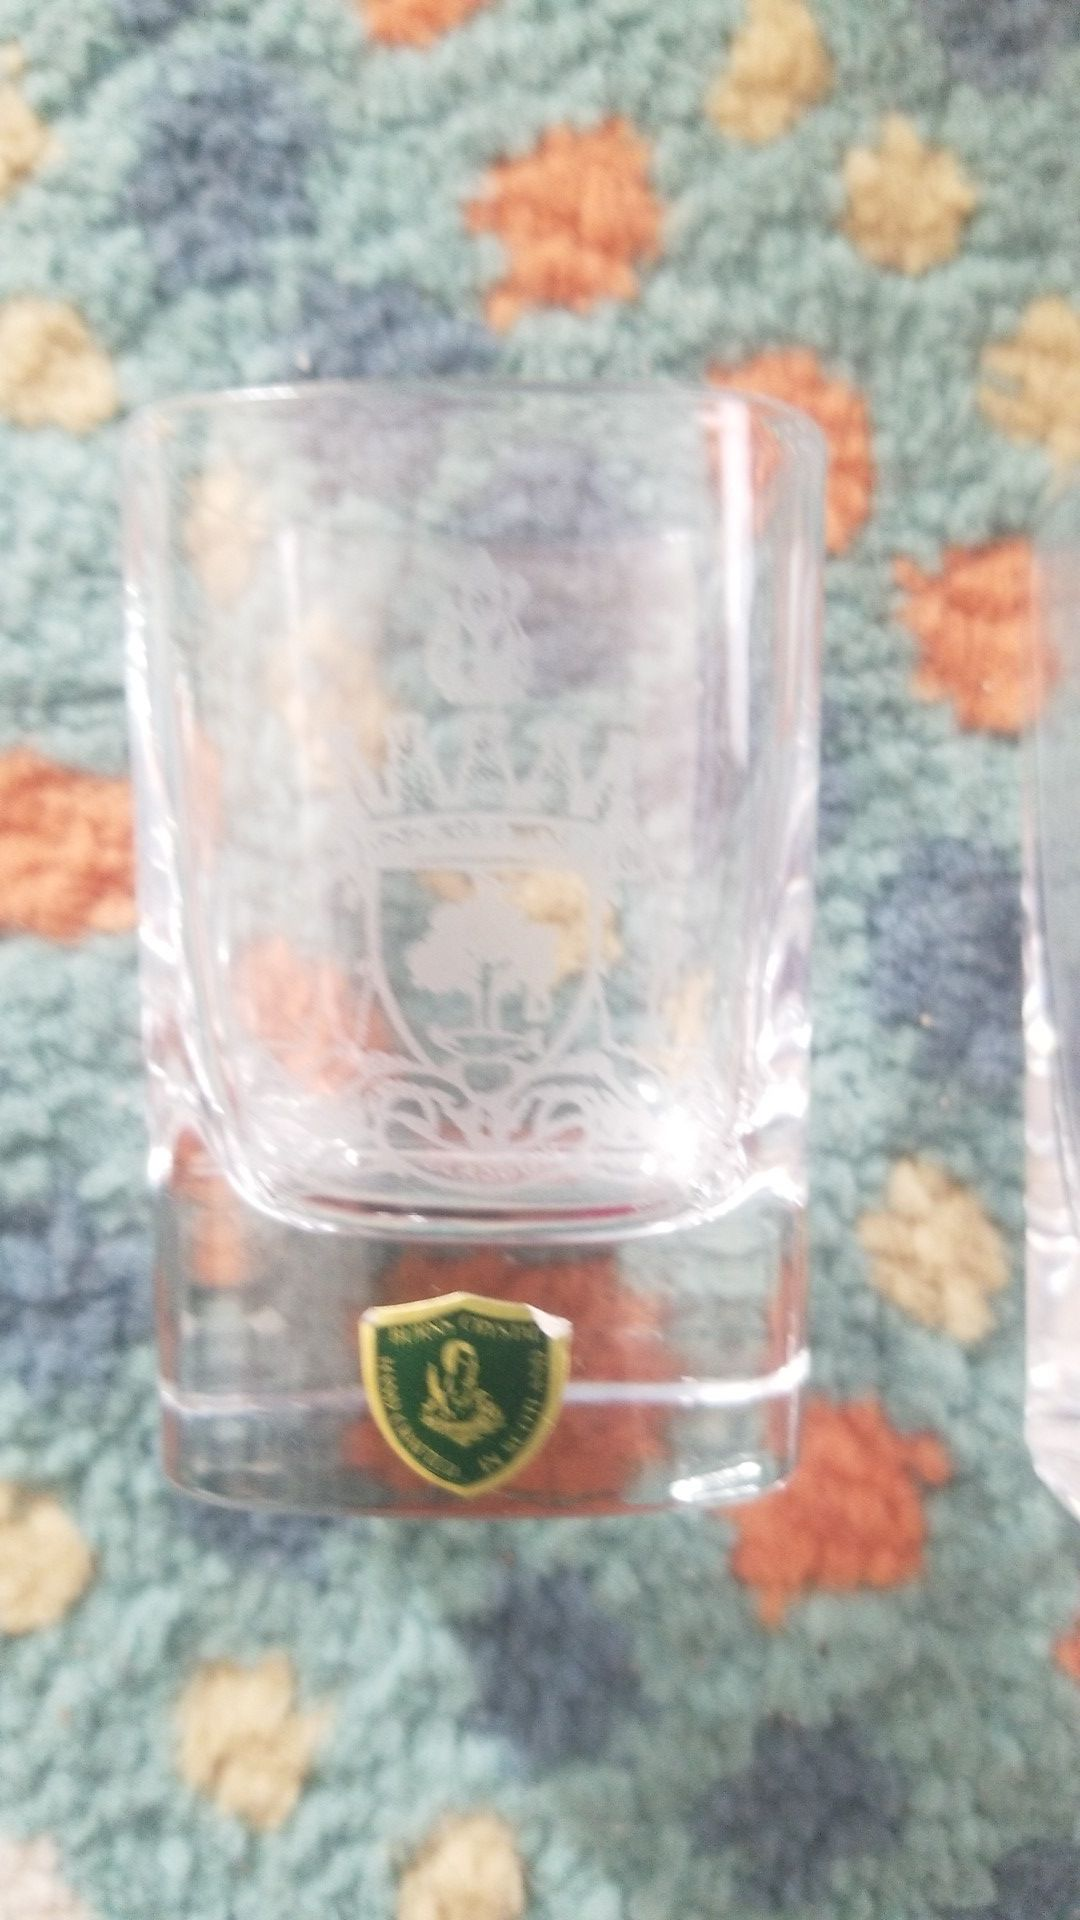 Burns crystal nightcap set made in Scotland